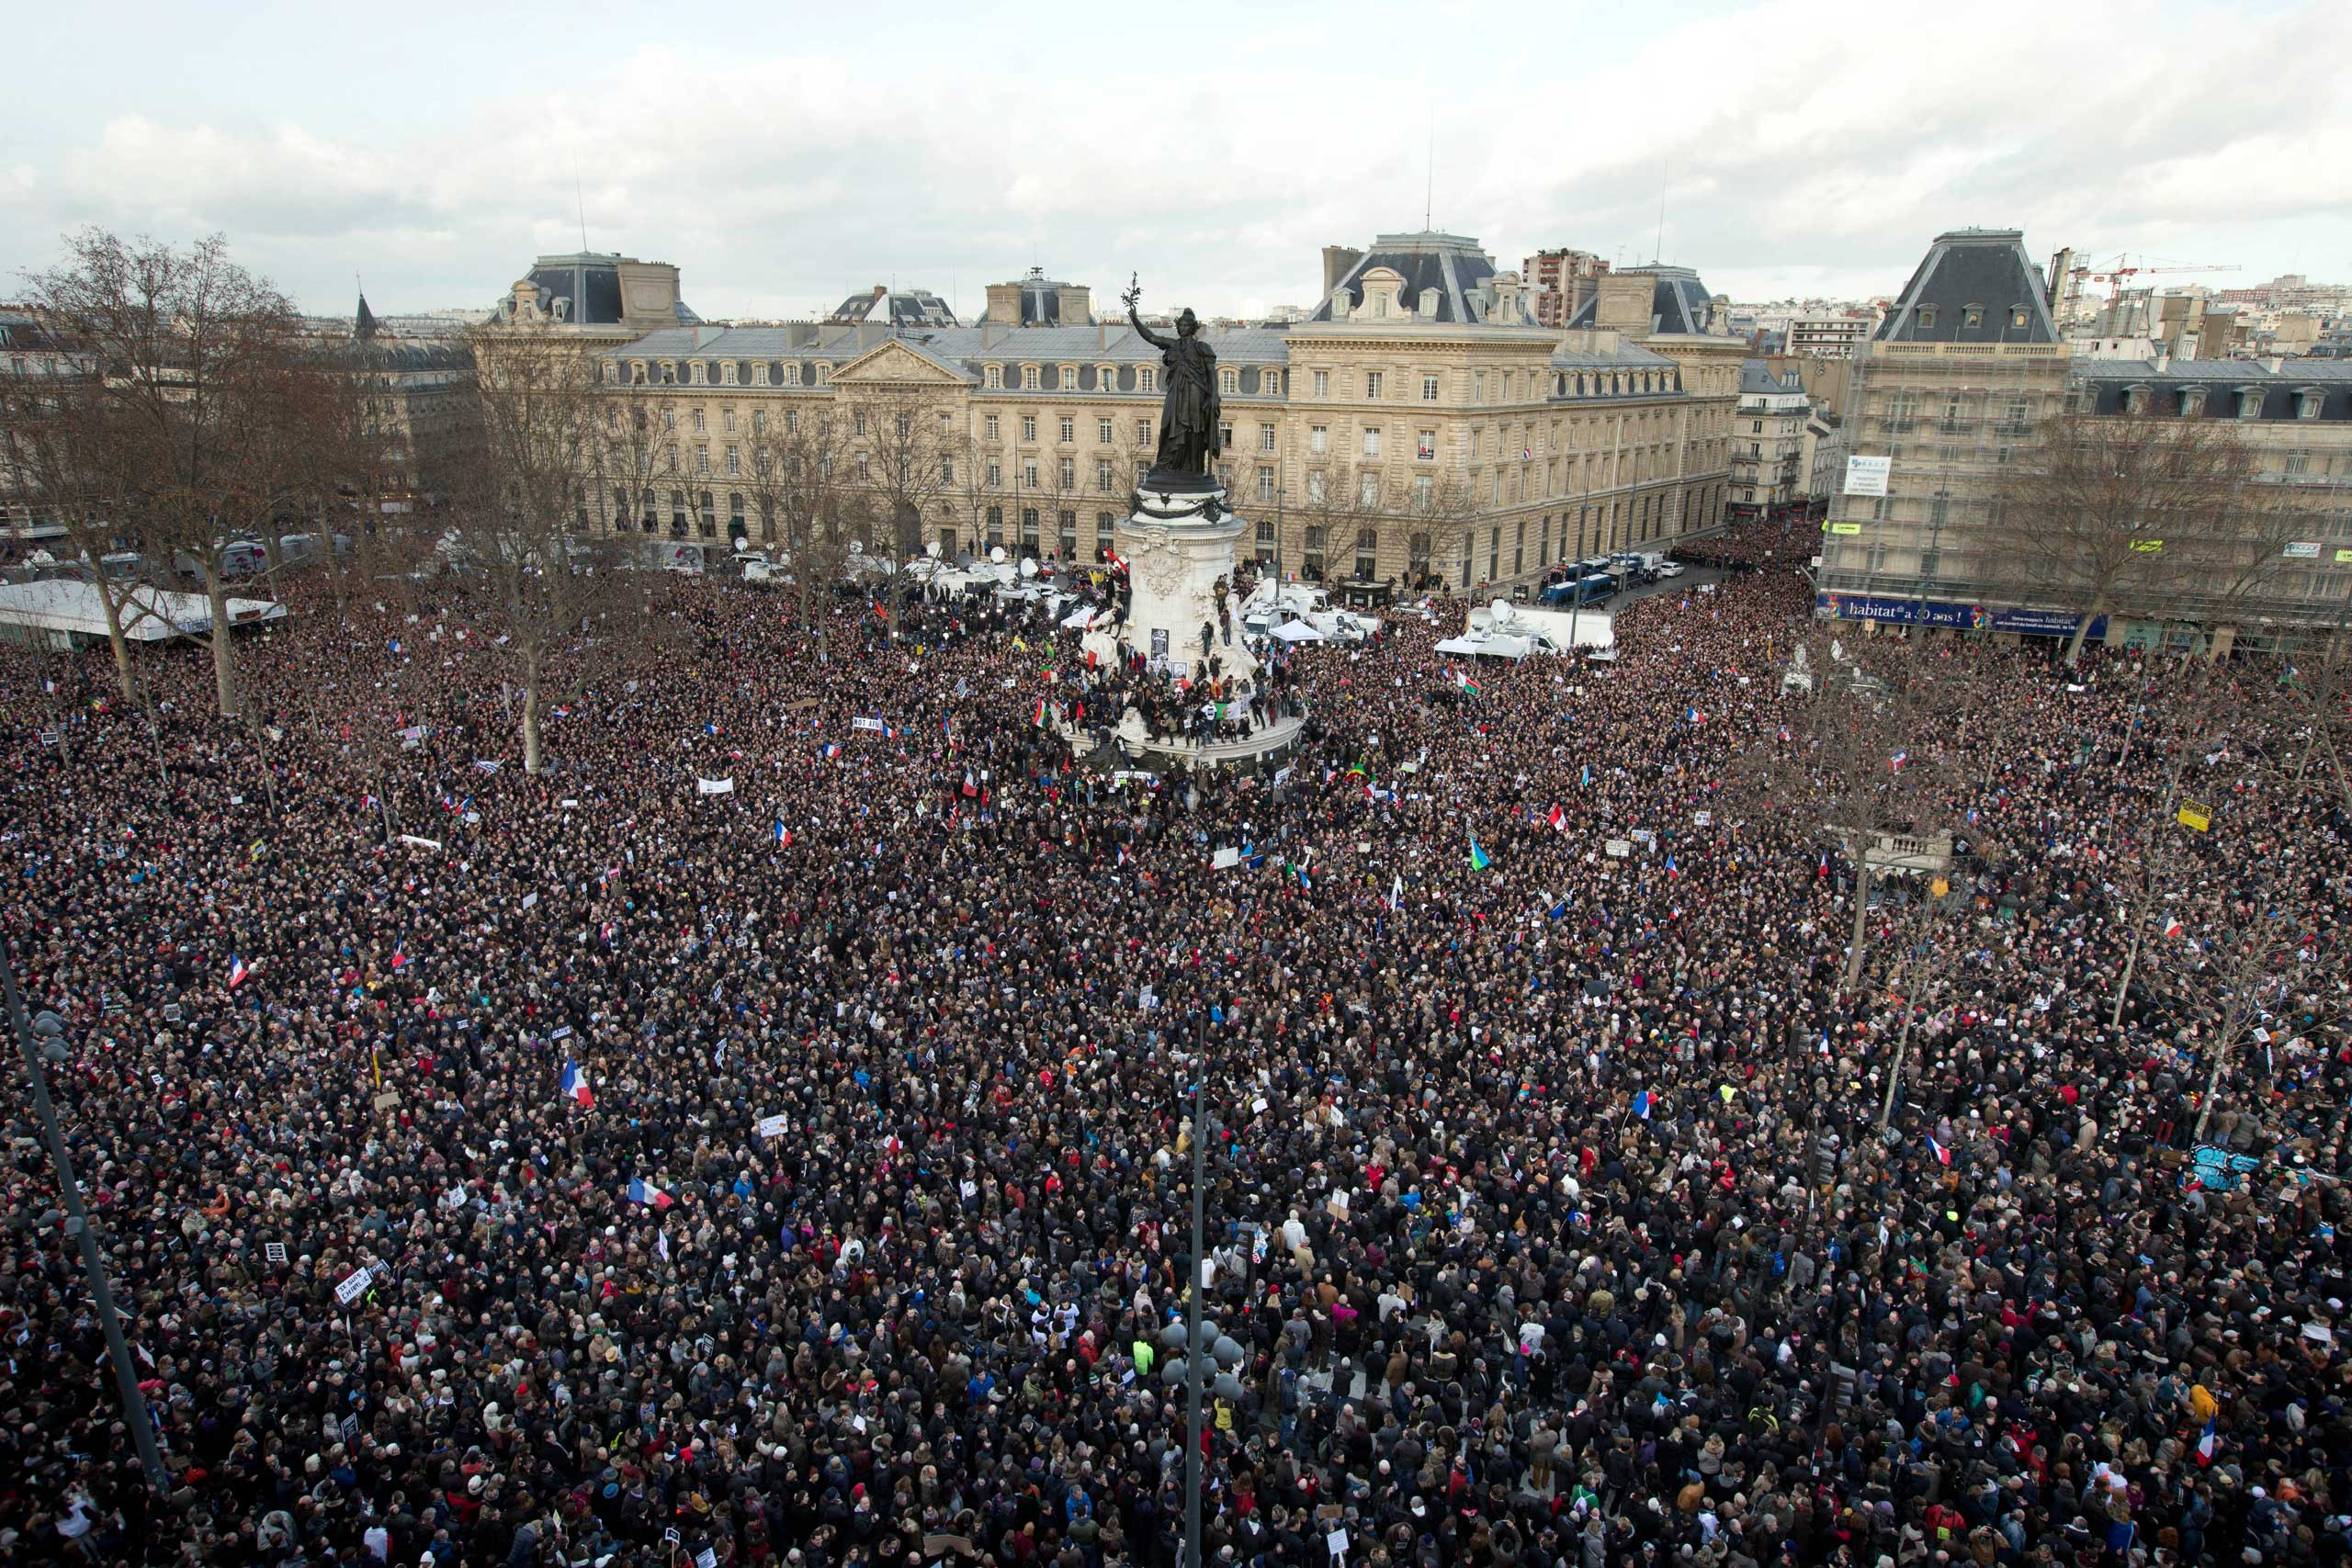 Thousands of people gather at Place de la République in Paris, Jan. 11, 2015.